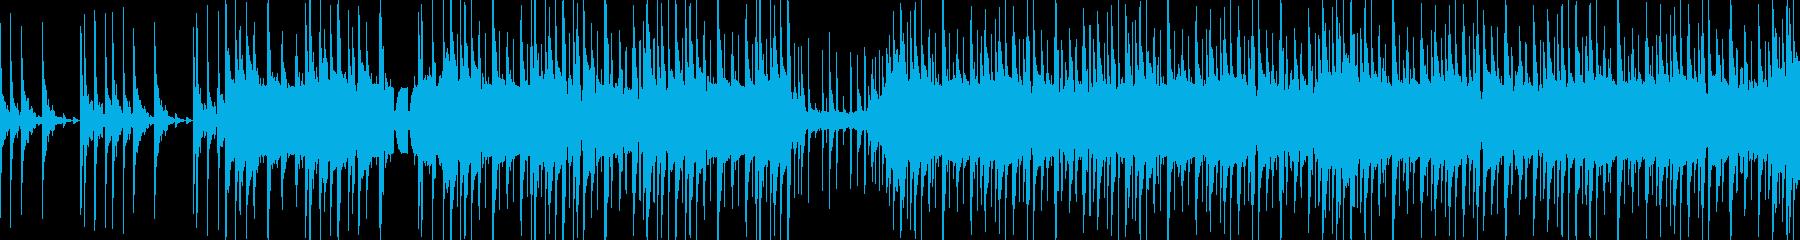 電気研究所テクノロジーガジェットハ...の再生済みの波形